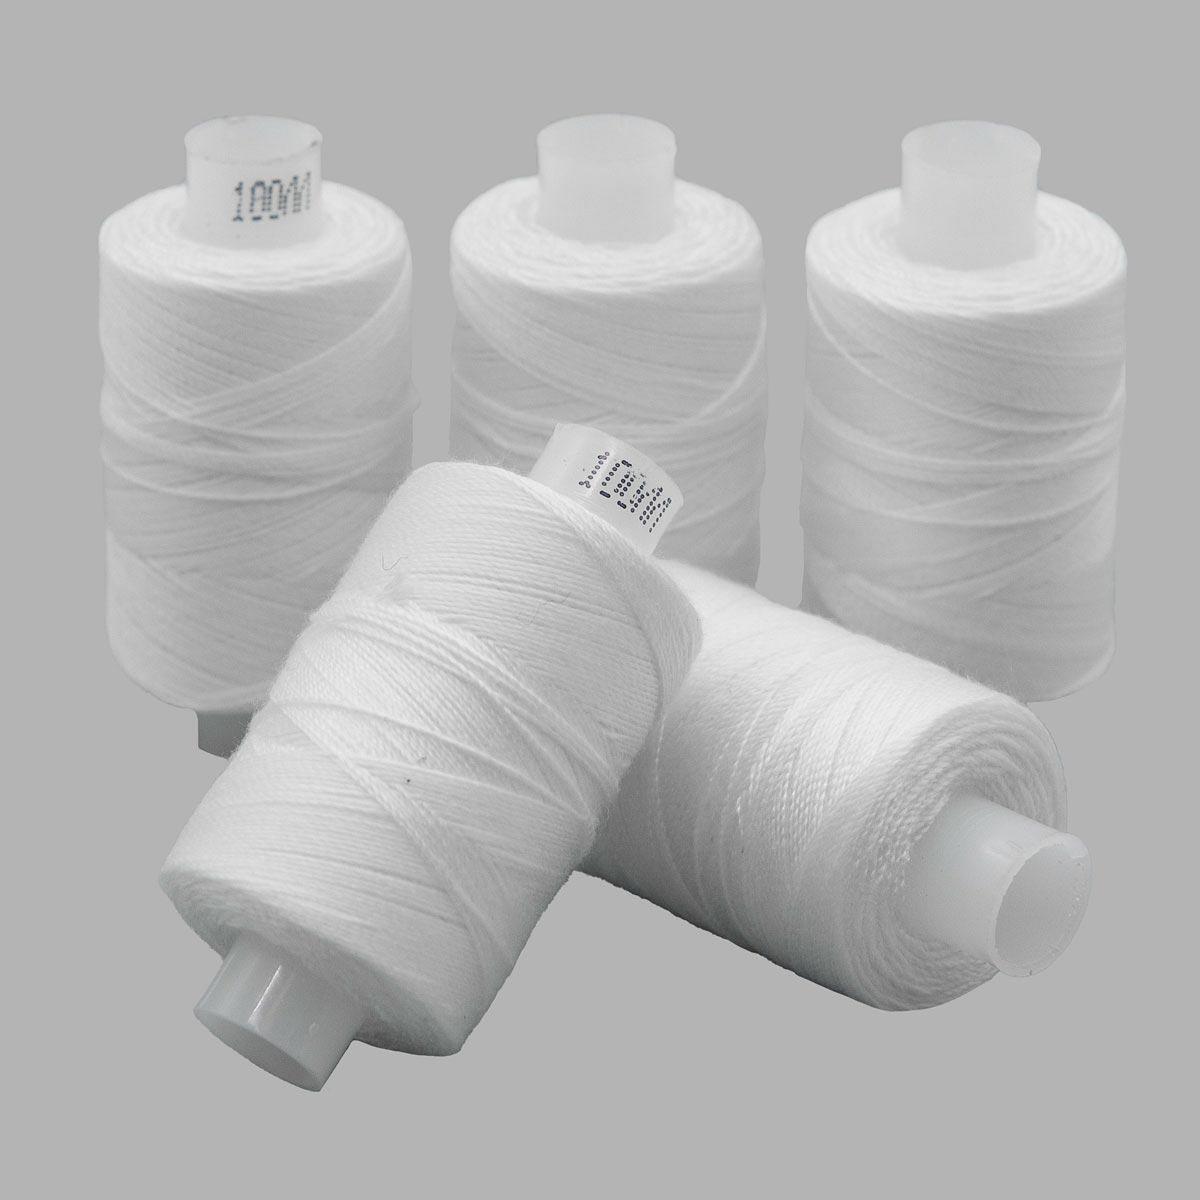 Армированные швейные бытовые нитки 100ЛЛ белые